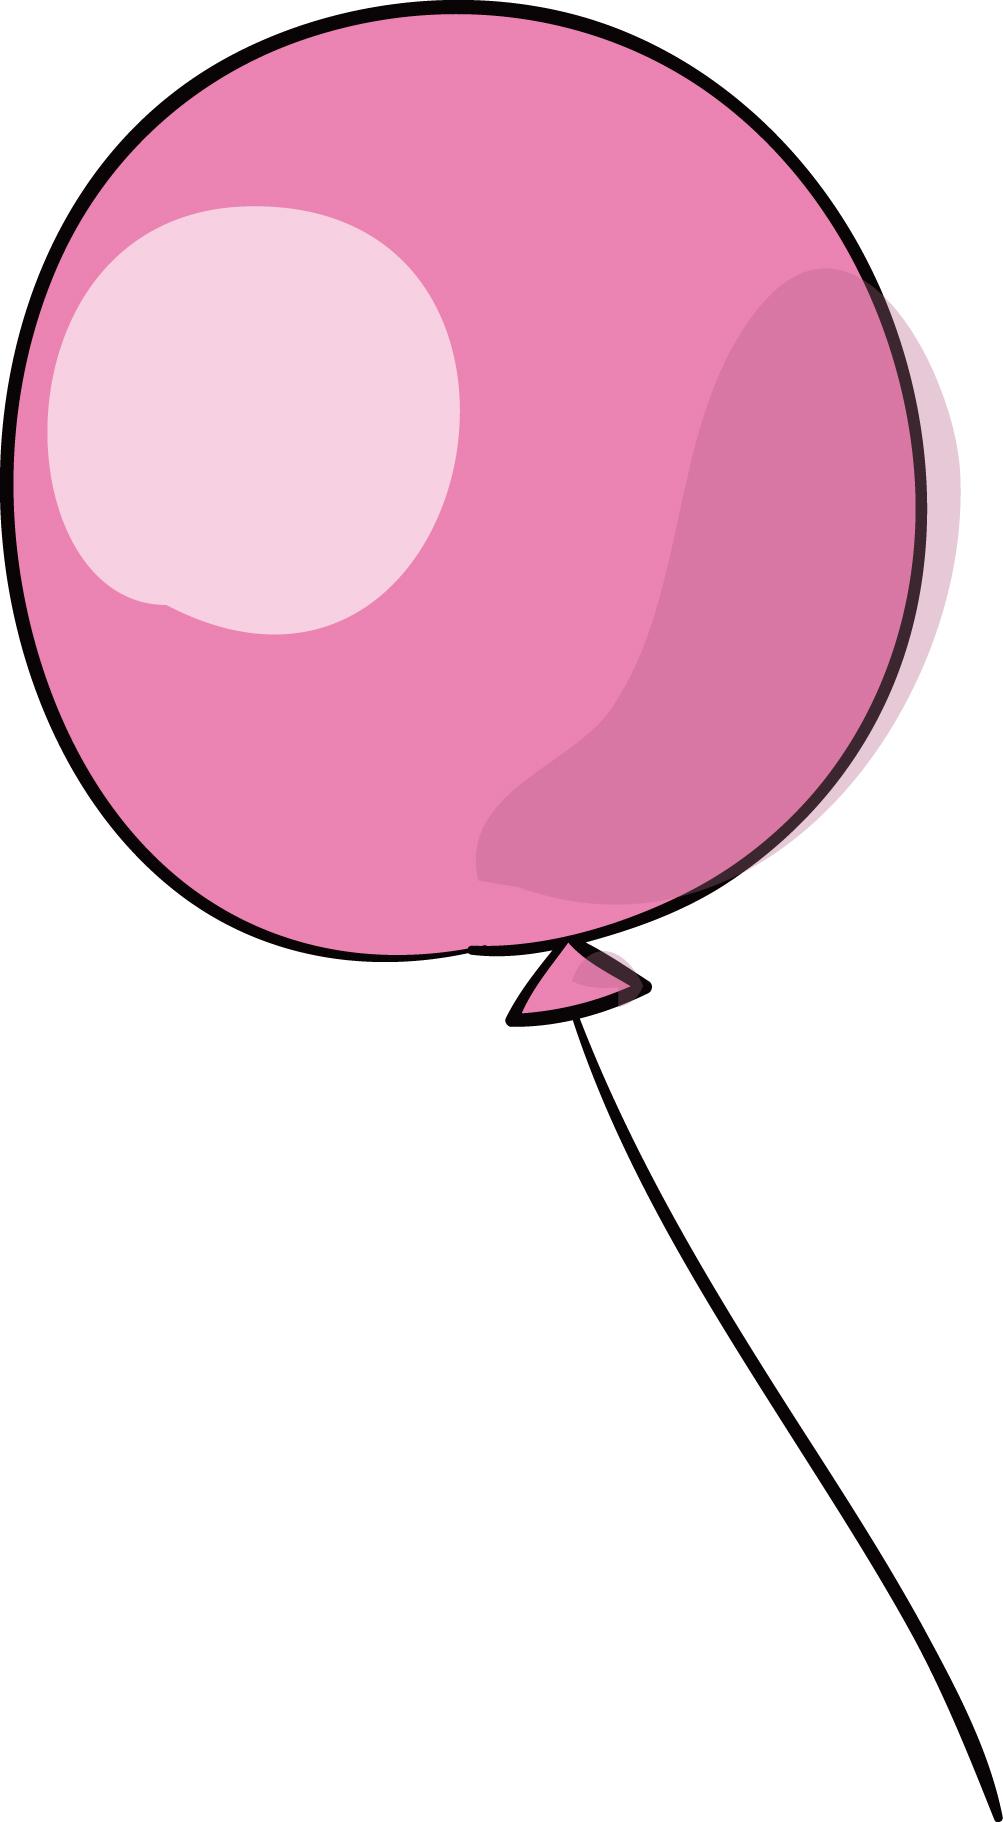 ピンクの風船」ダウンロード|かわいい無料イラスト 印刷素材